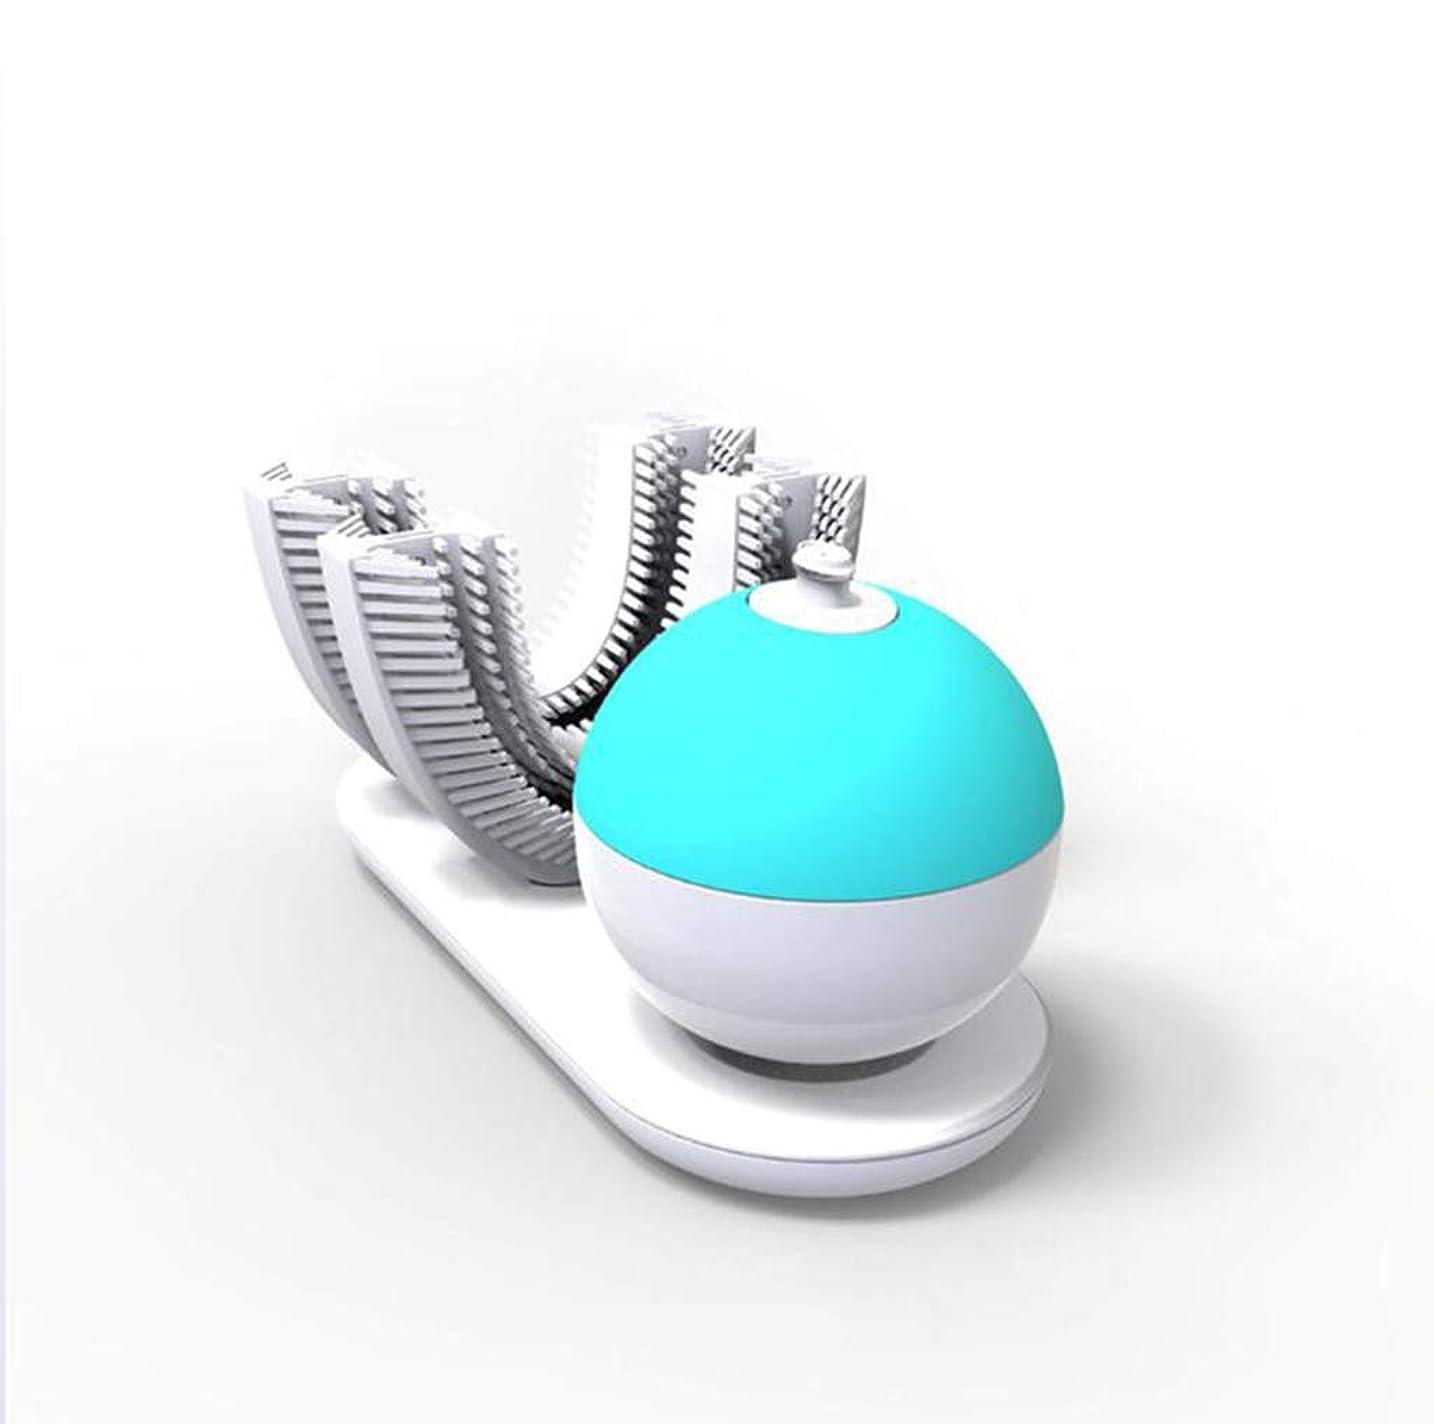 知覚的端区画360度自動歯ブラシ、電動歯ブラシ、ビジネスの人々に適したワイヤレス充電式